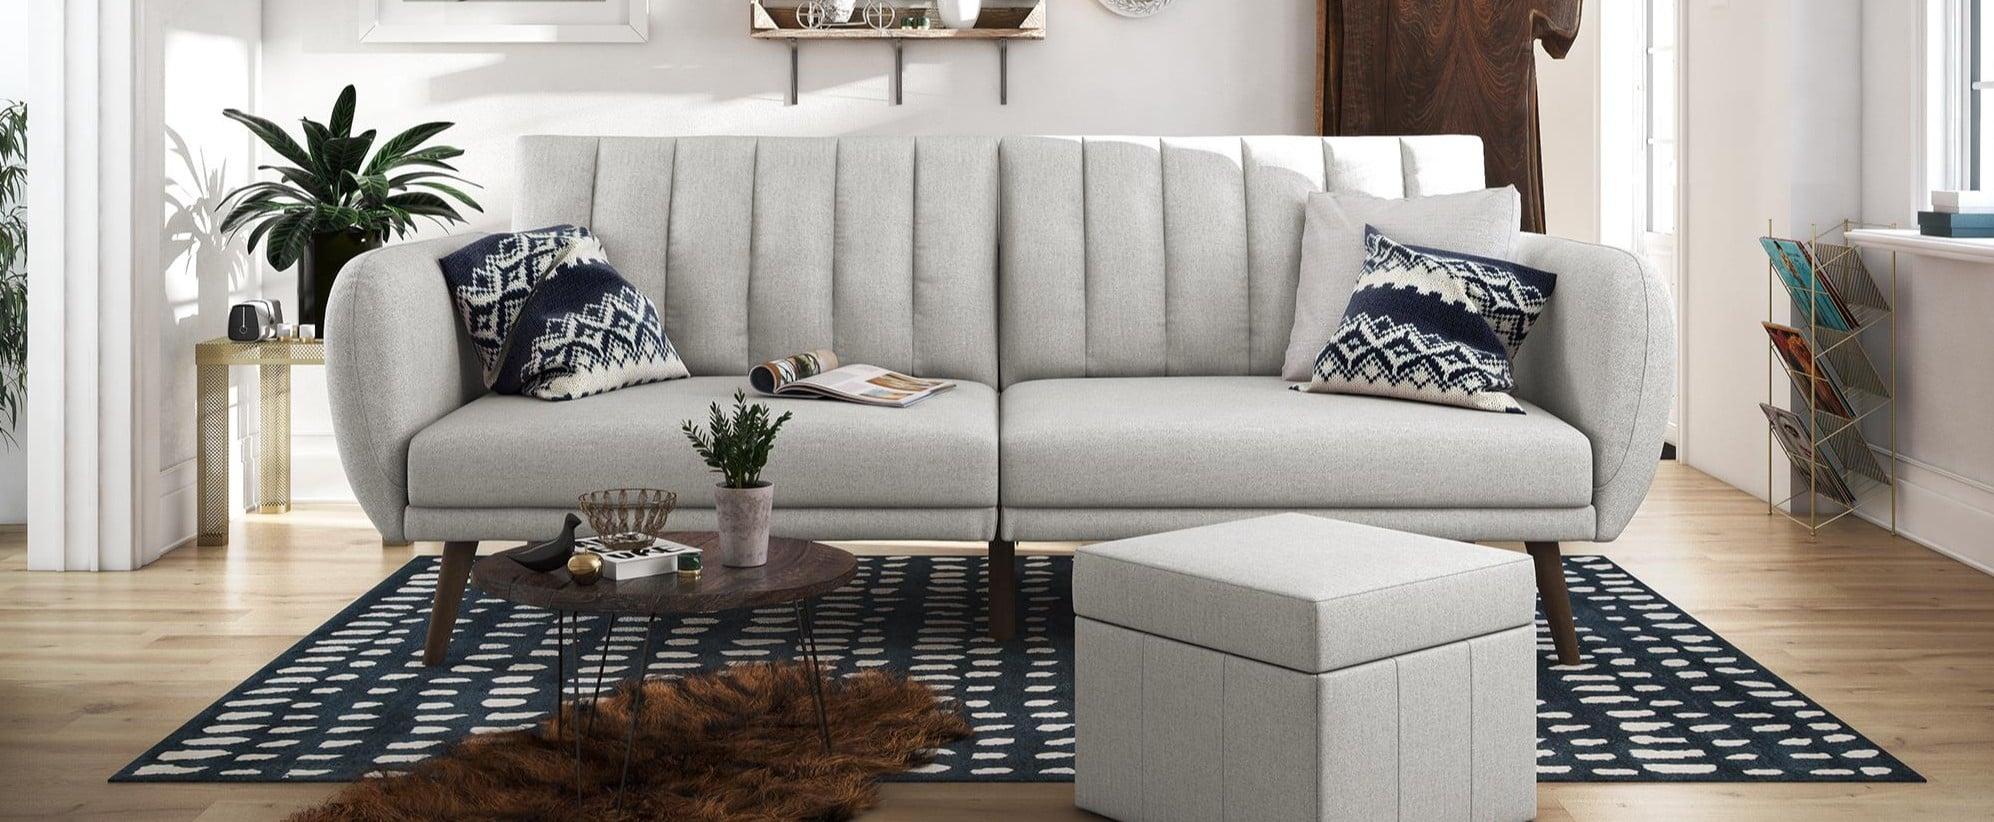 Best Furniture 2019